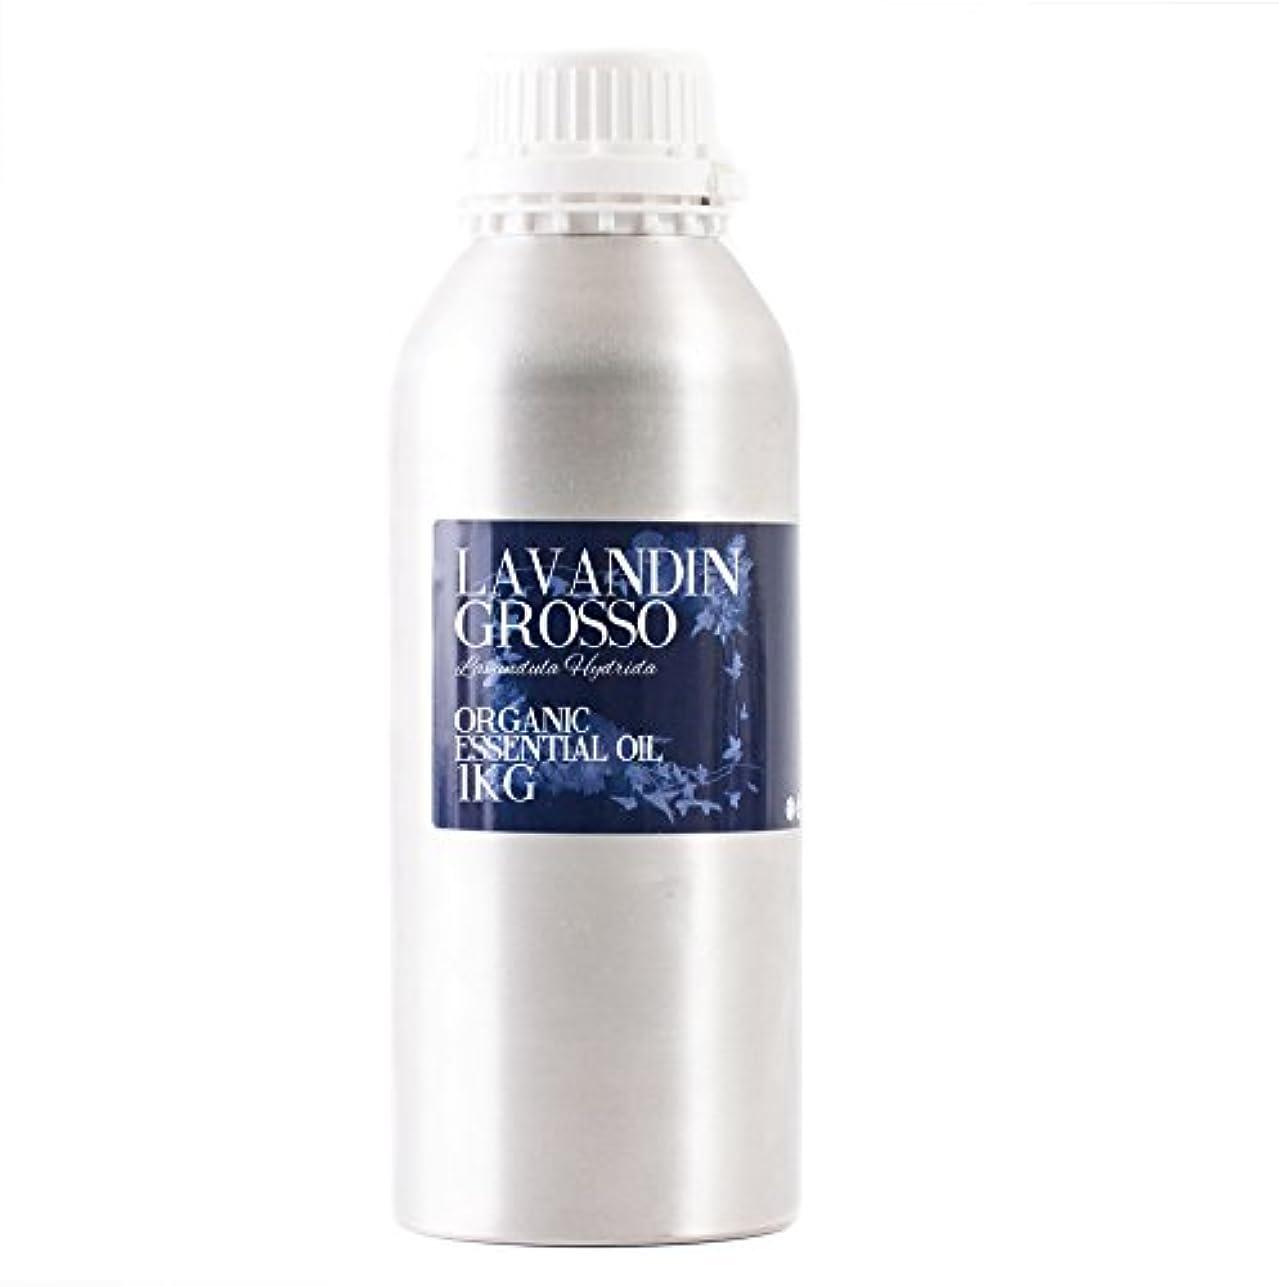 報いる論争的テレビを見るMystic Moments | Lavandin Grosso Organic Essential Oil - 1Kg - 100% Pure